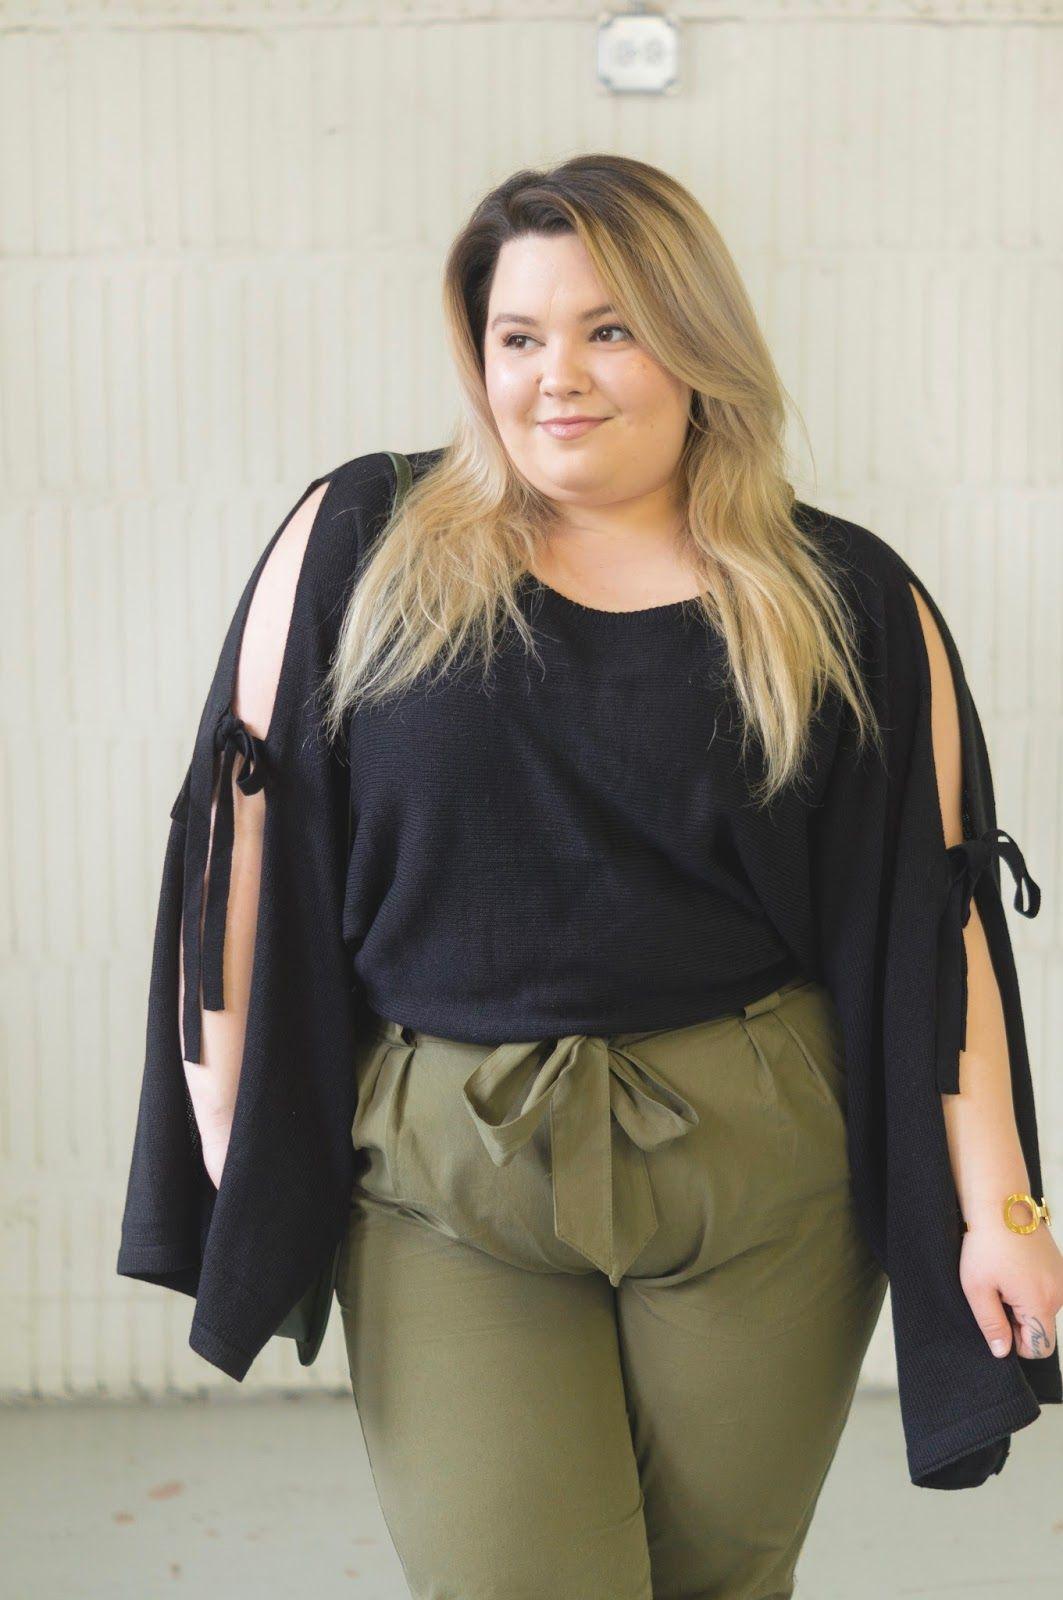 Chicago Plus Size Fashion Blogger Natalie Craig Reviews Fashion Nova Curve S Going Plus Size Fashion For Women Summer Plus Size Fashion Blog Plus Size Outfits